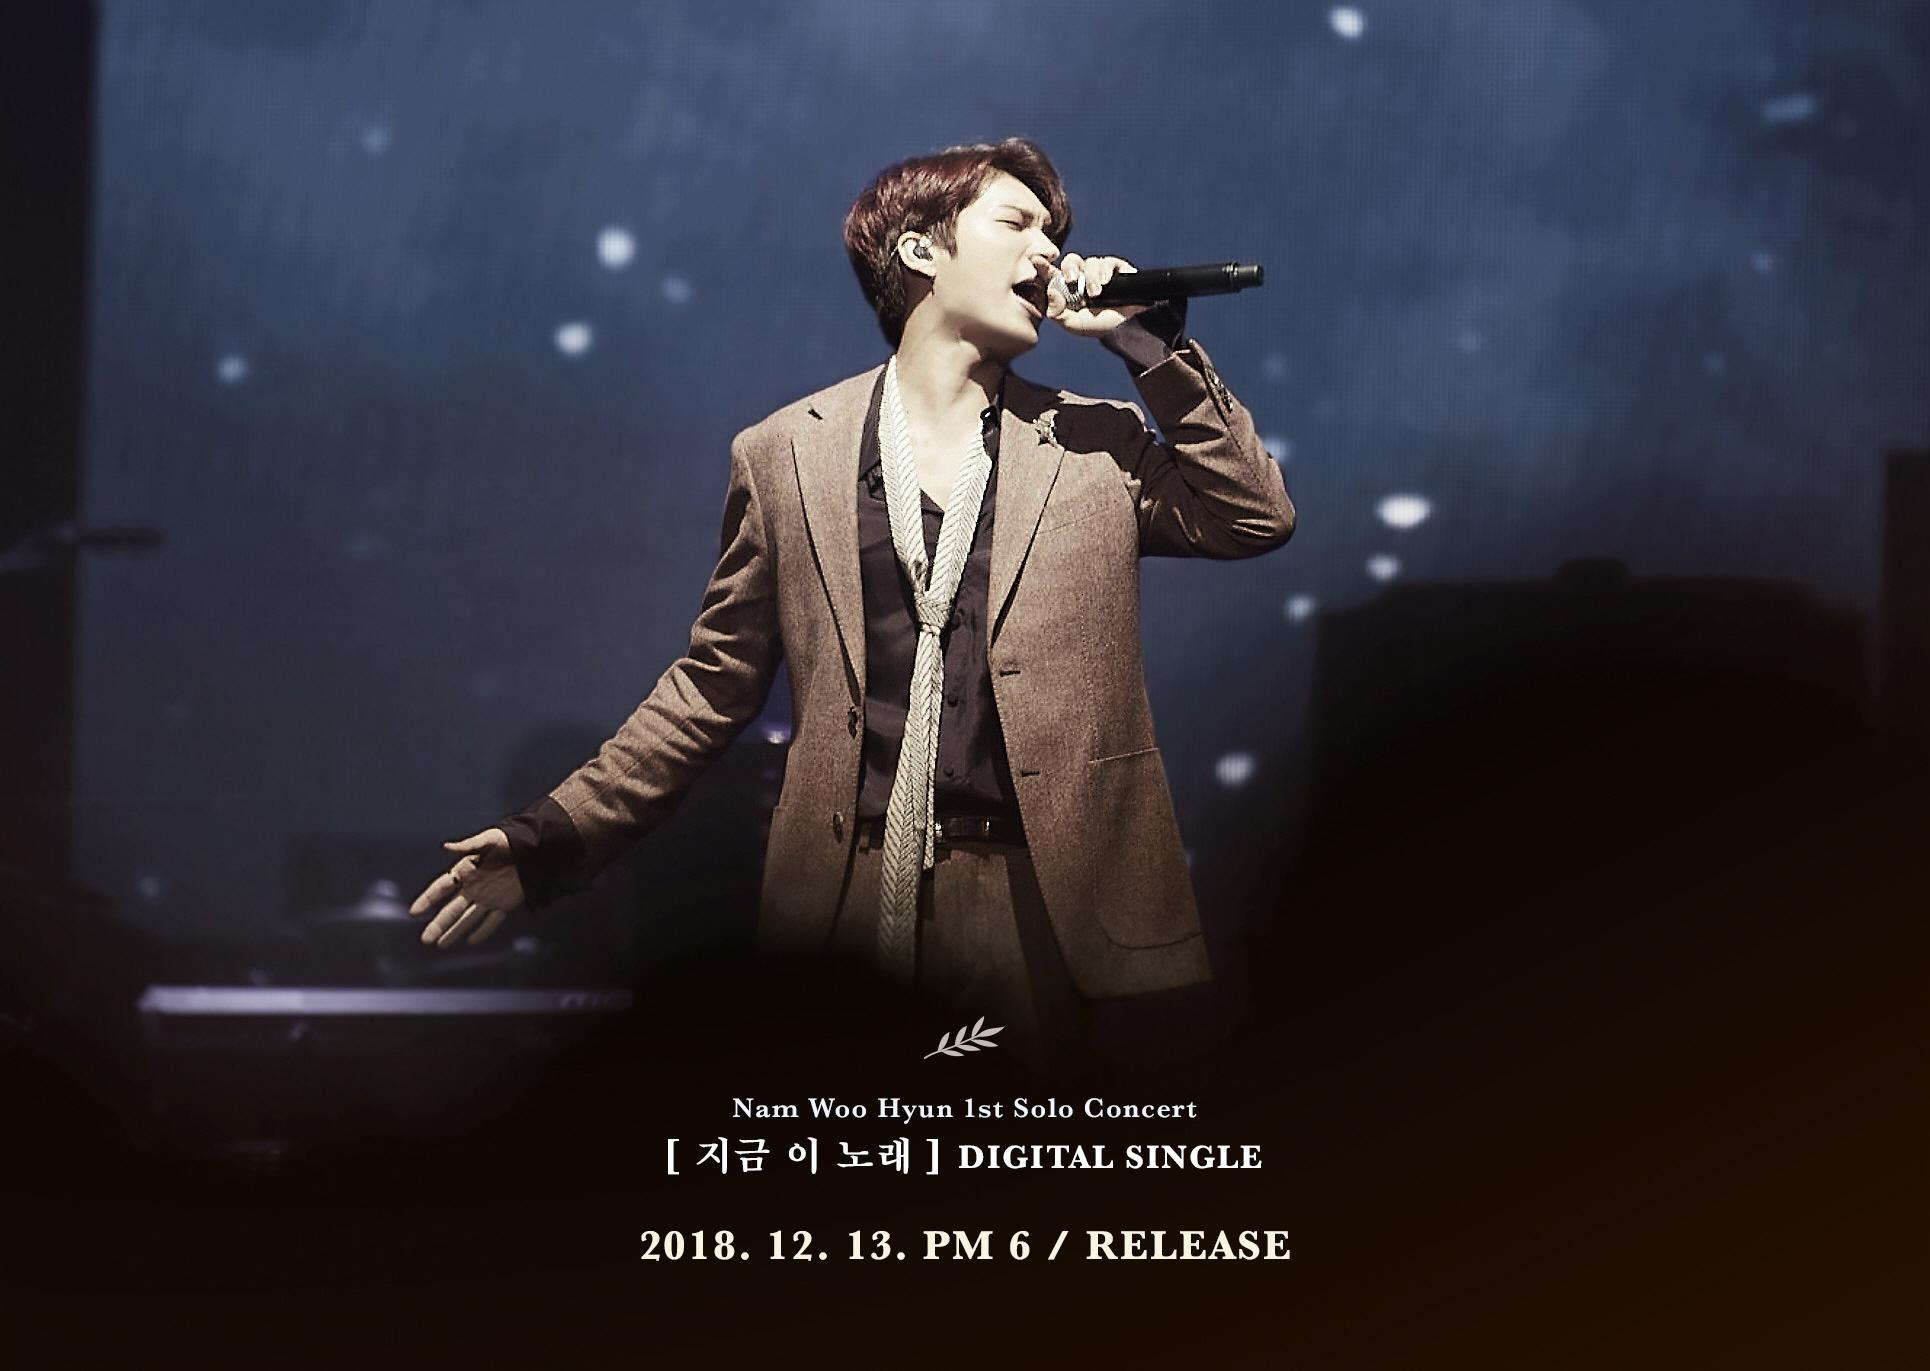 인피니트 남우현, 새 싱글 '지금 이 노래' 티저 이미지 공개